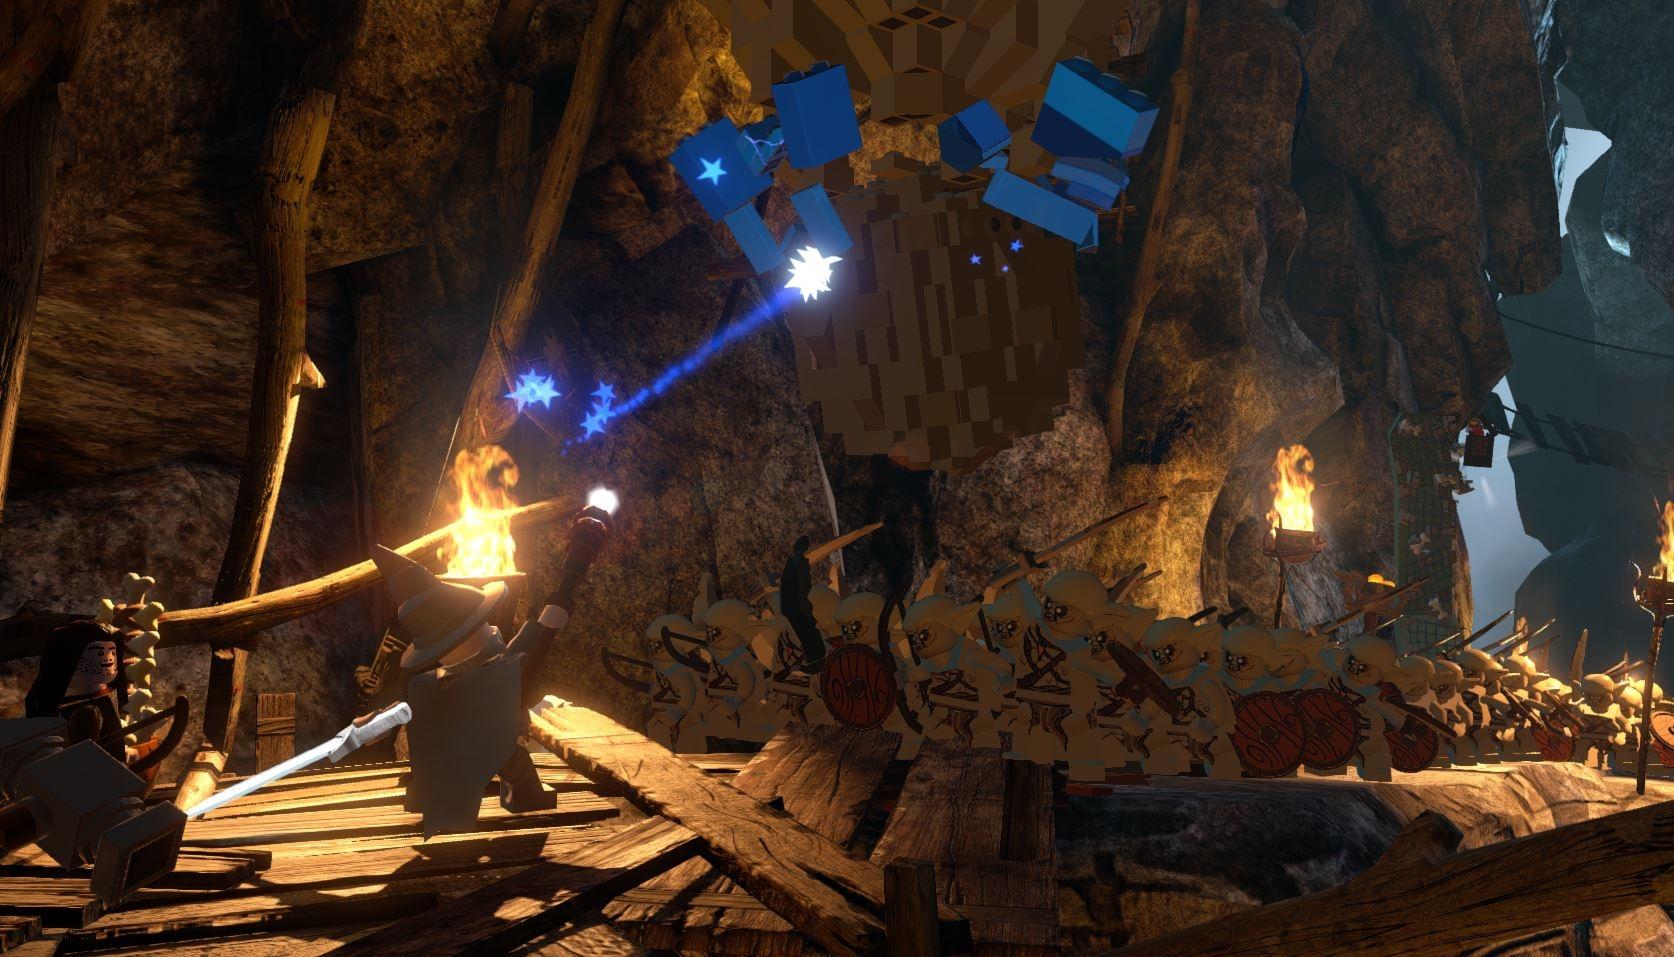 Lego The Hobbit desktop wallpaper 41 of 63 Video Game Wallpapers 1674x957